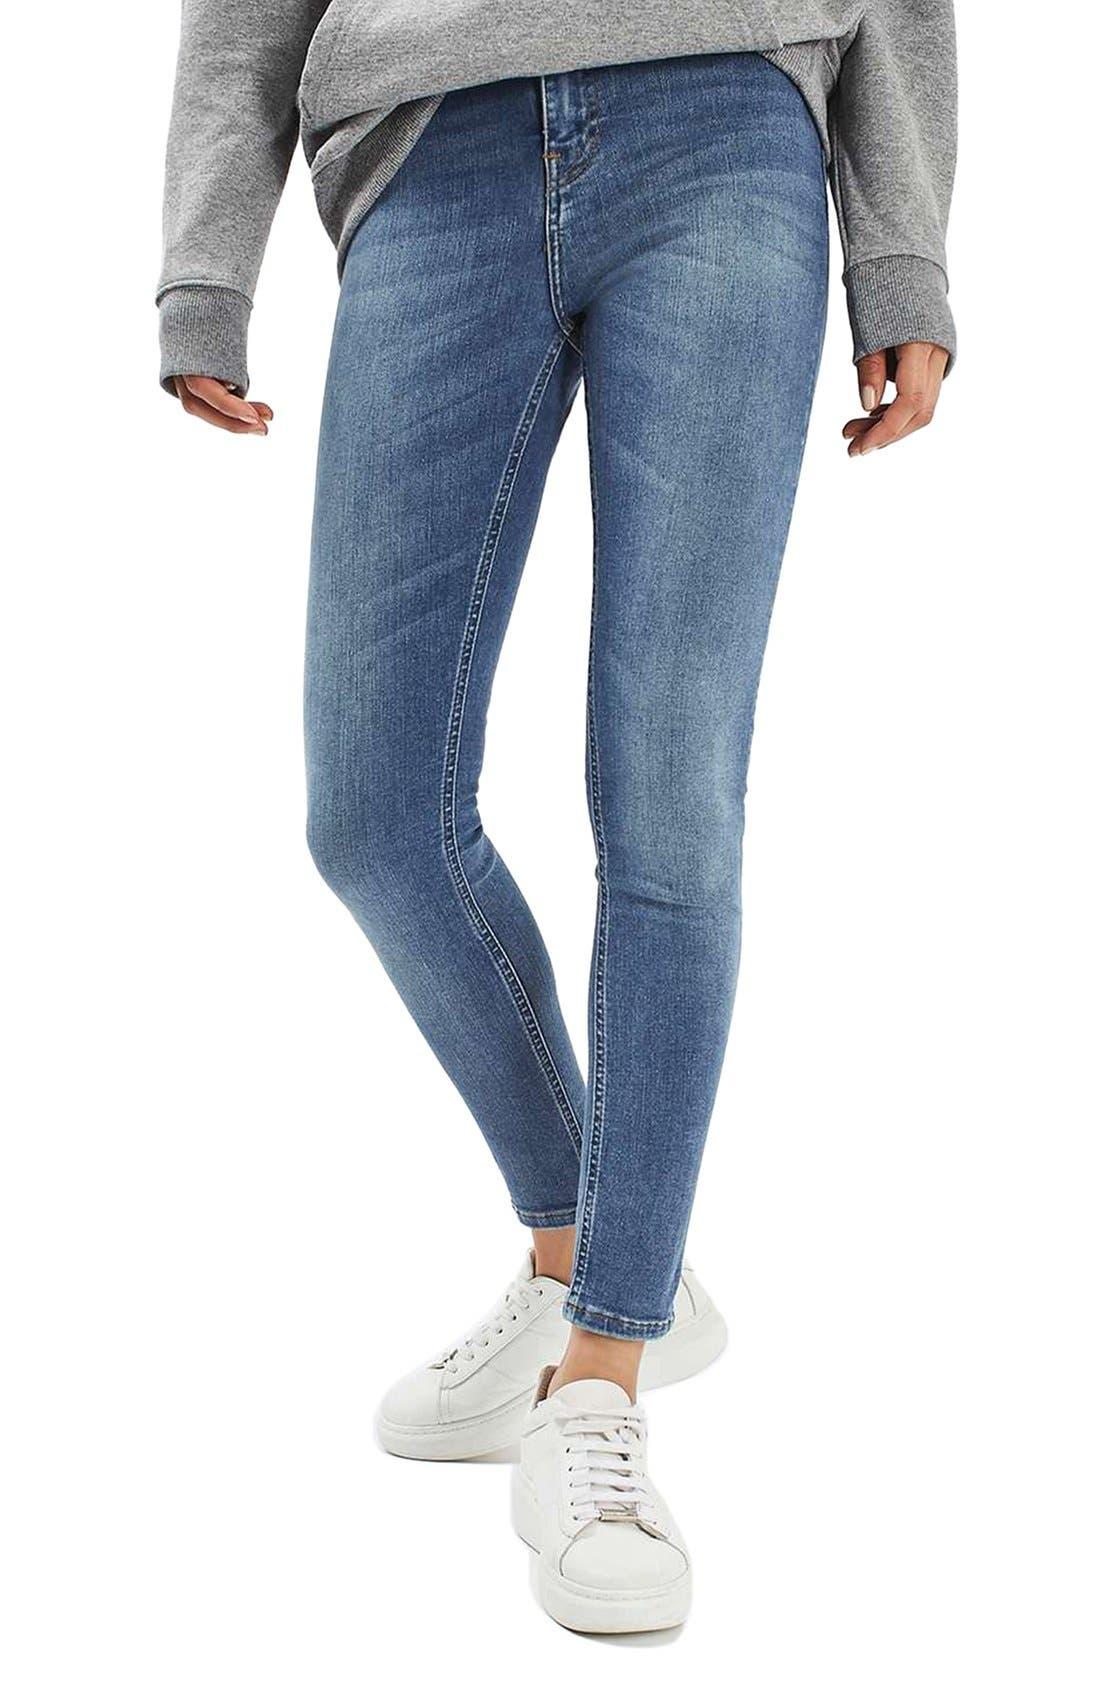 Alternate Image 1 Selected - Topshop Jamie High Waist Crop Skinny Jeans (Blue Green)